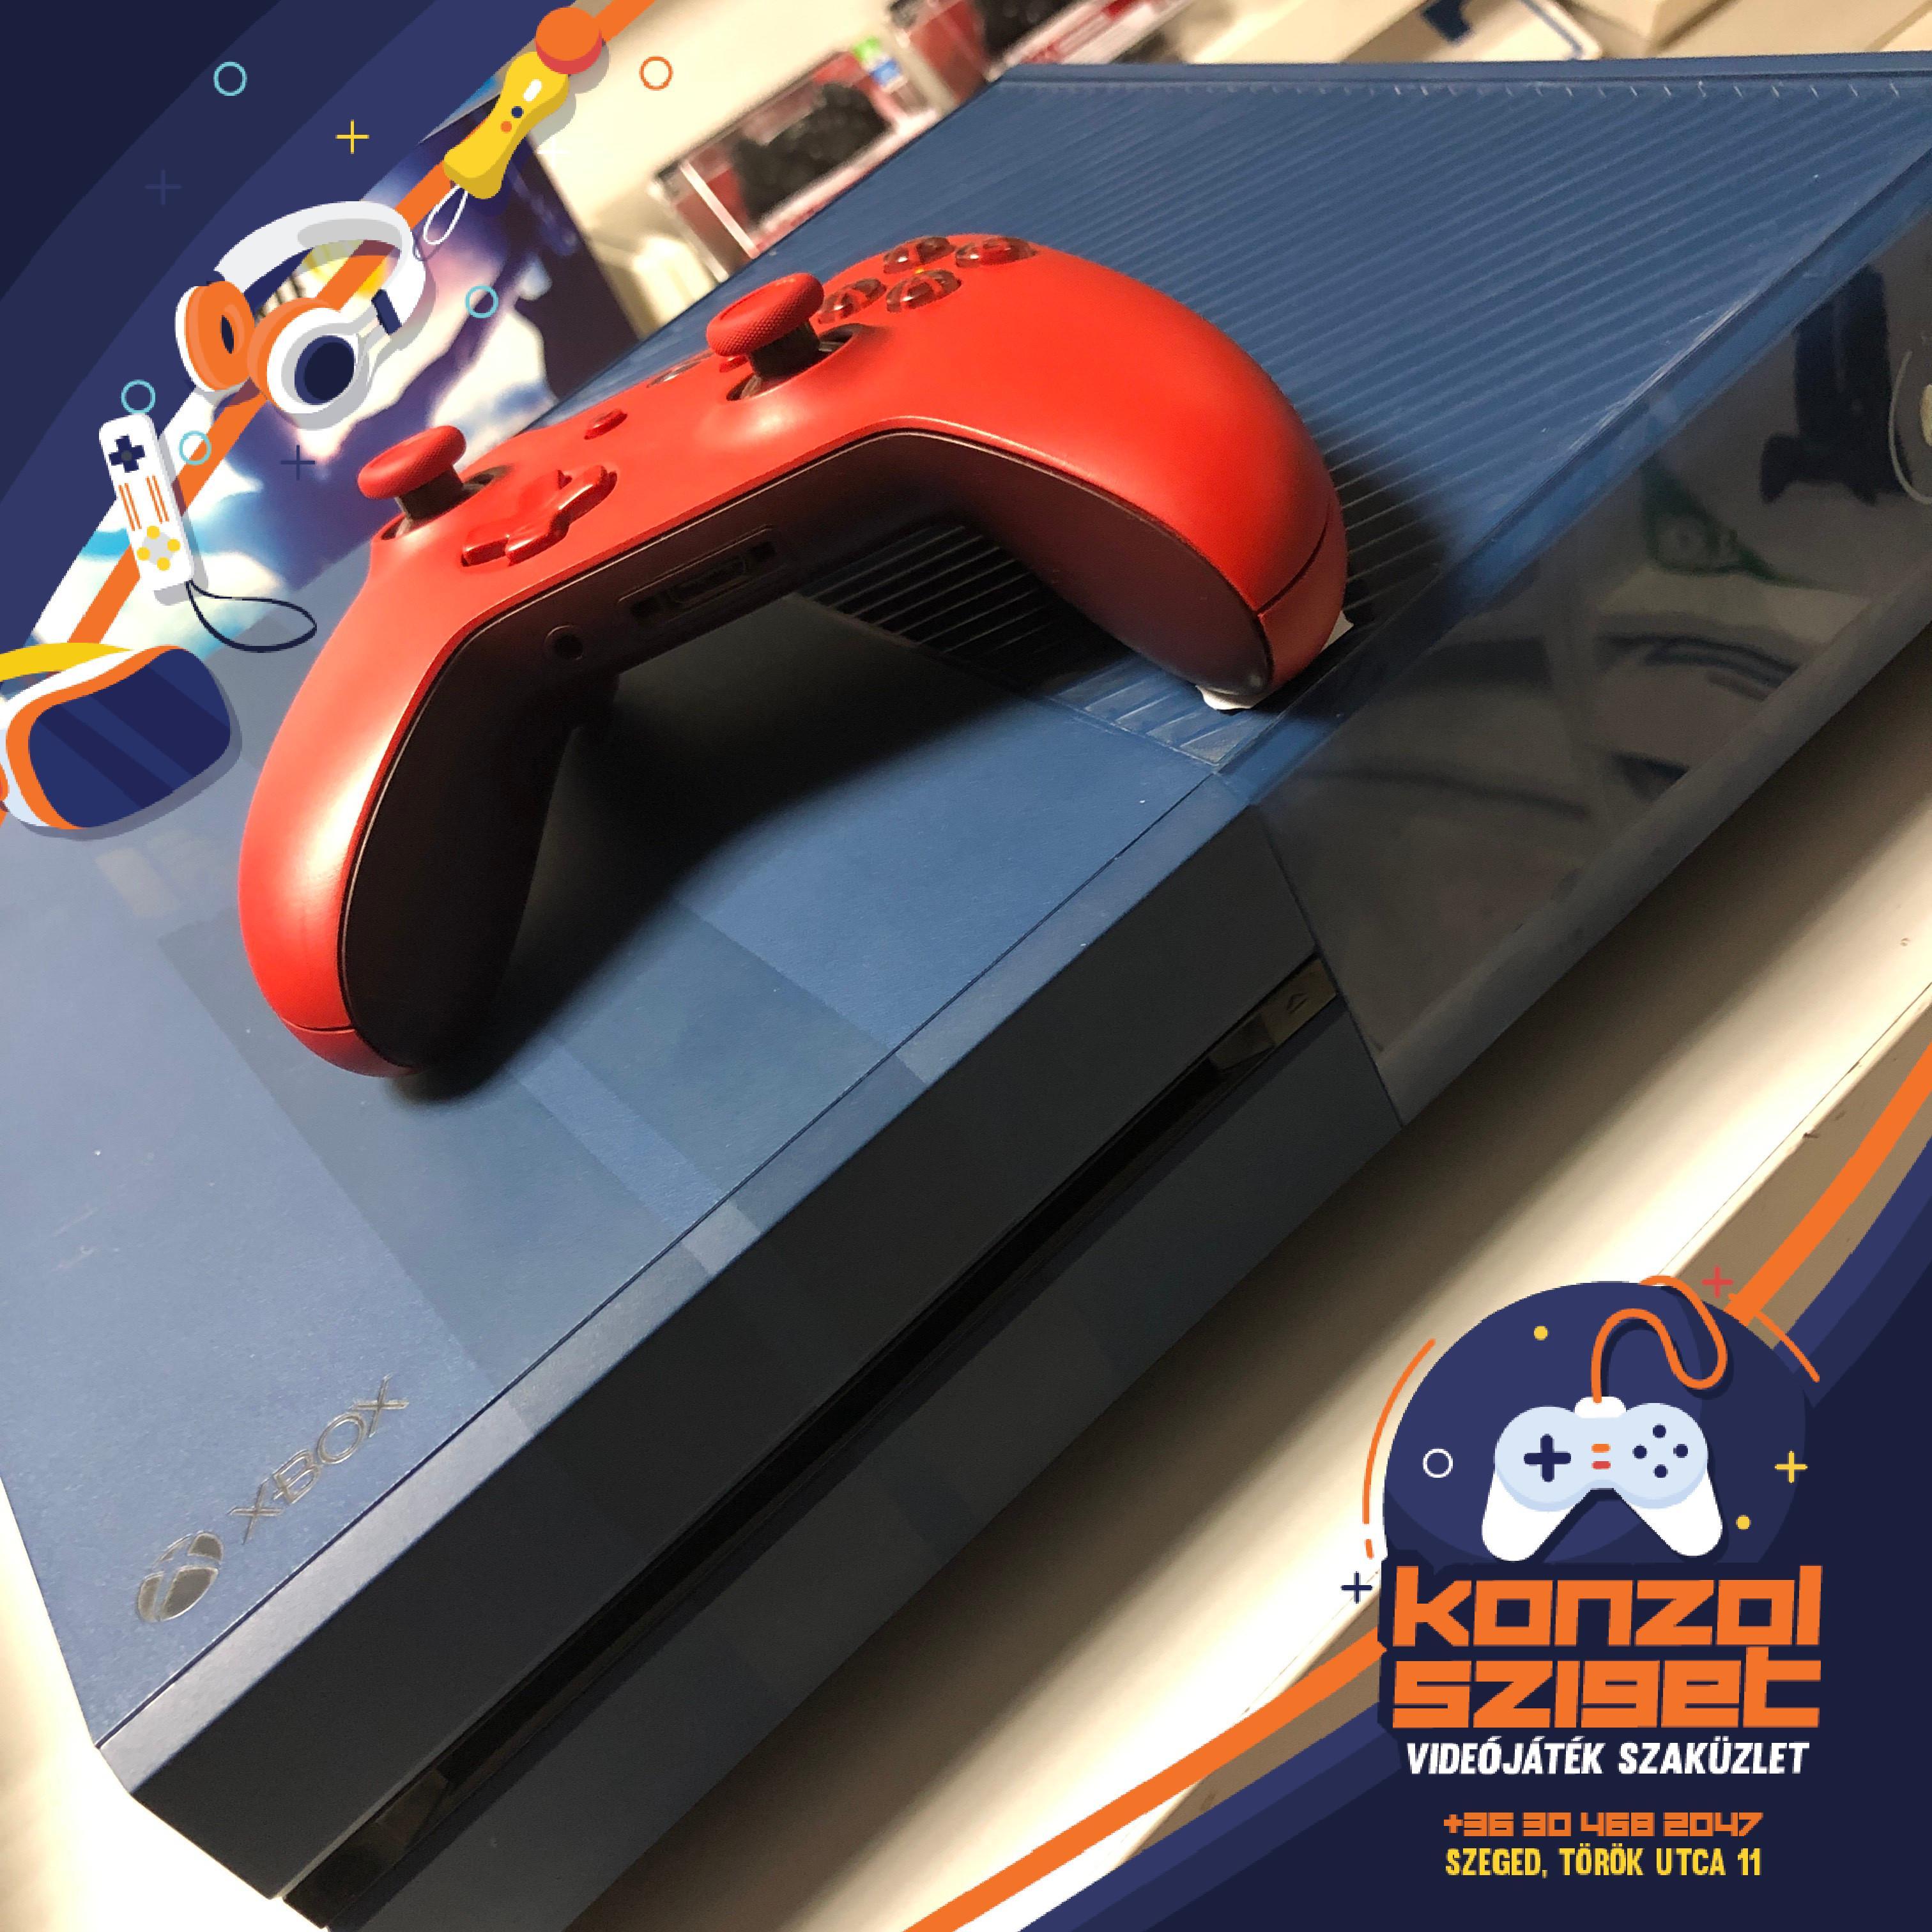 XboxOne-1TB-Forza-kulsovel